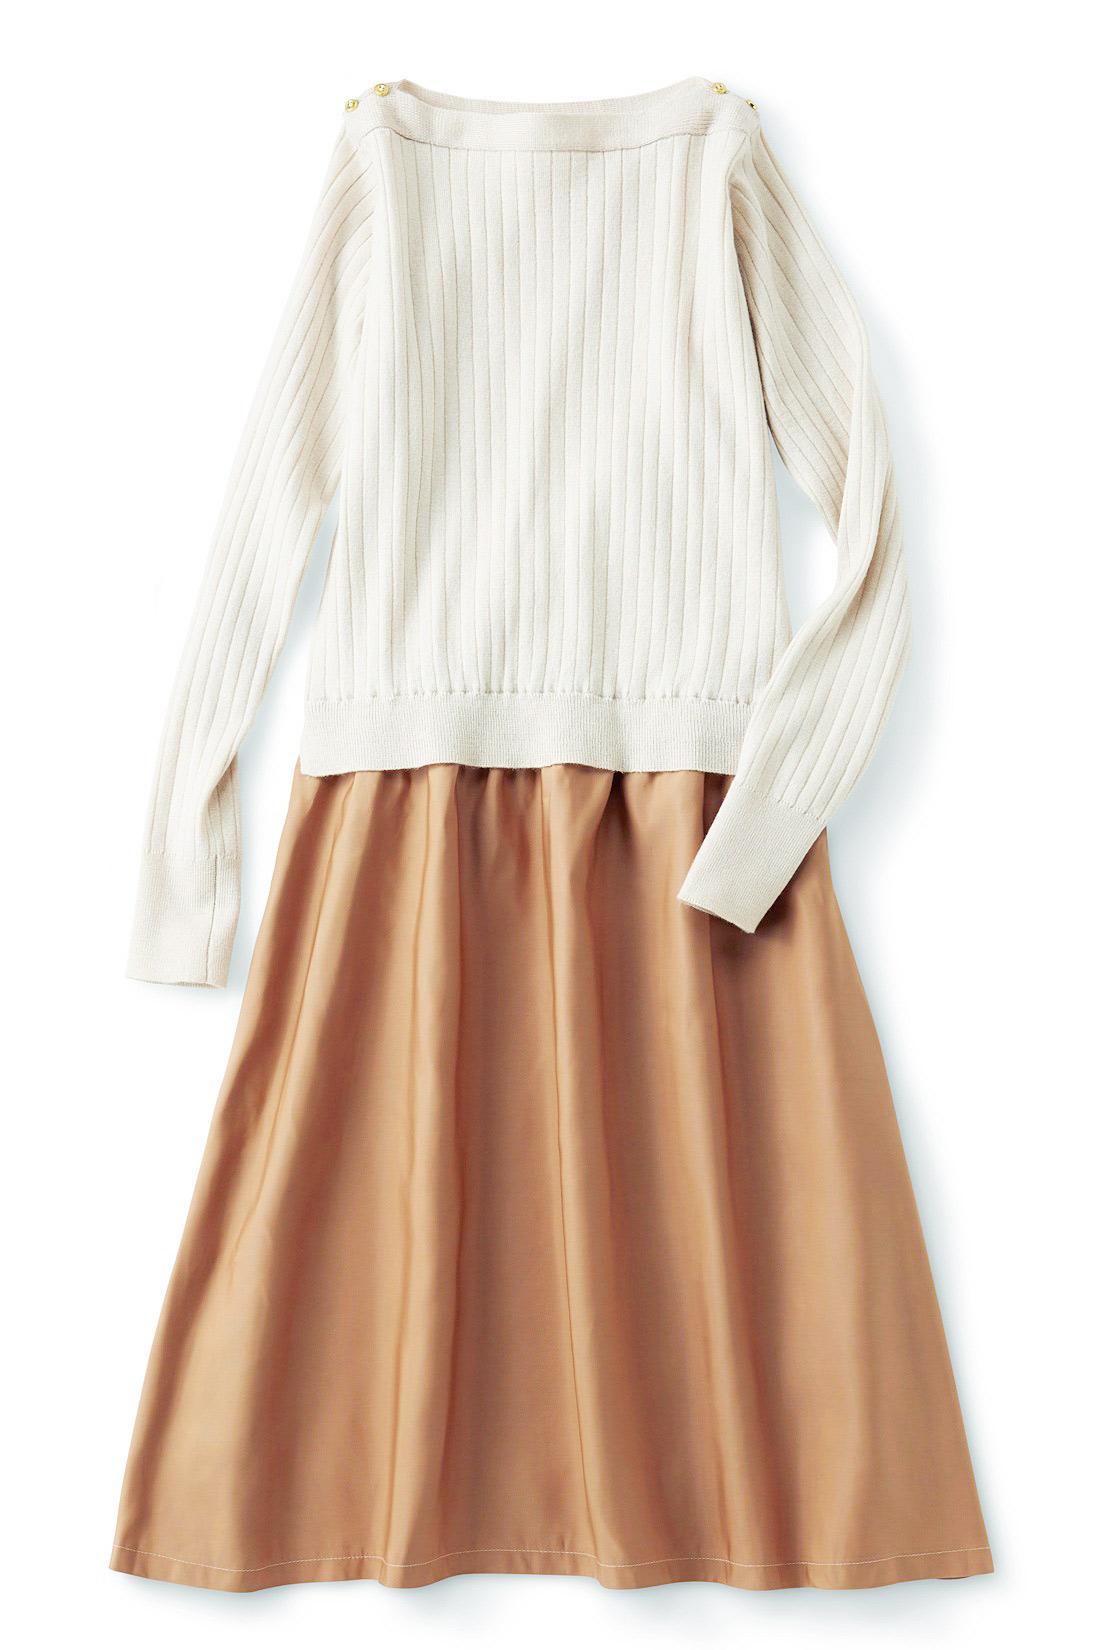 <アイボリー・テラコッタ> スカート部分はポリエステルで、しわが気になりにくいのがうれしい。